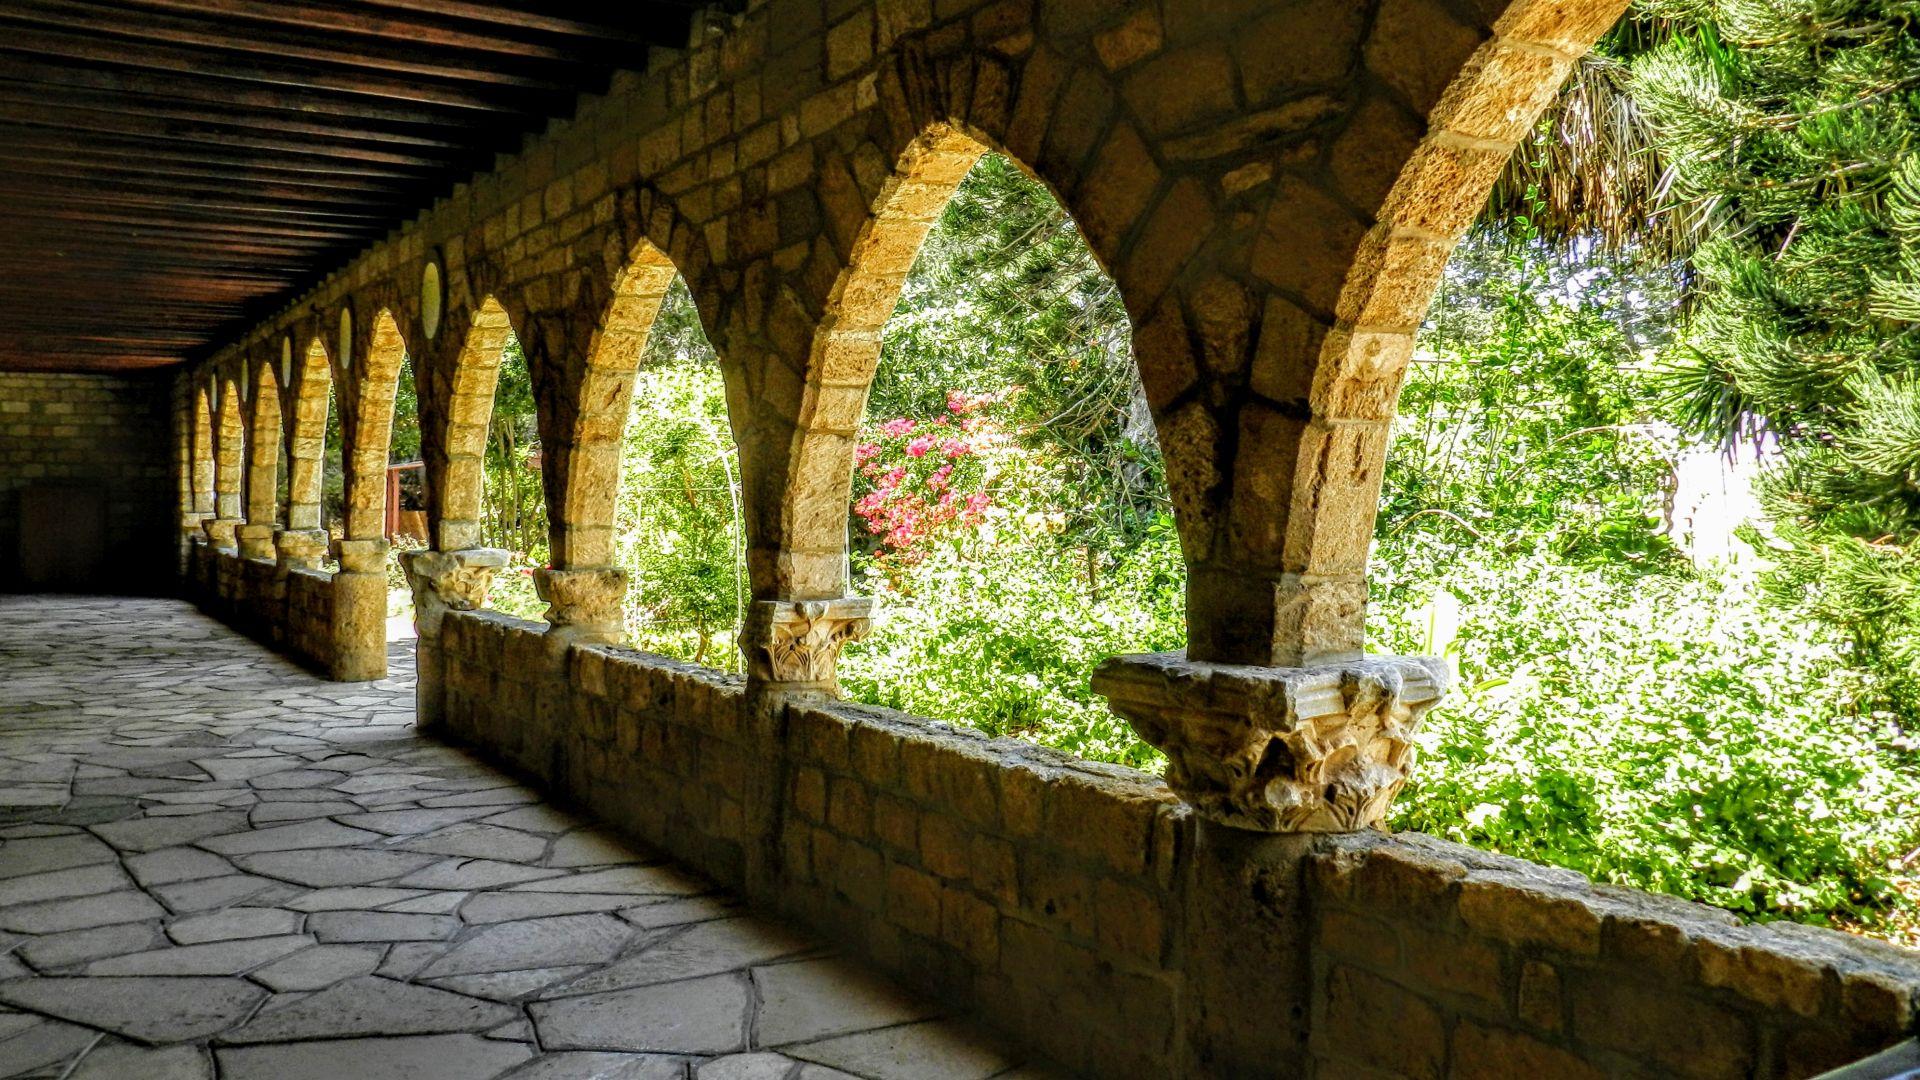 Cypr - Klasztor Agios Nikolaos ton Gaton